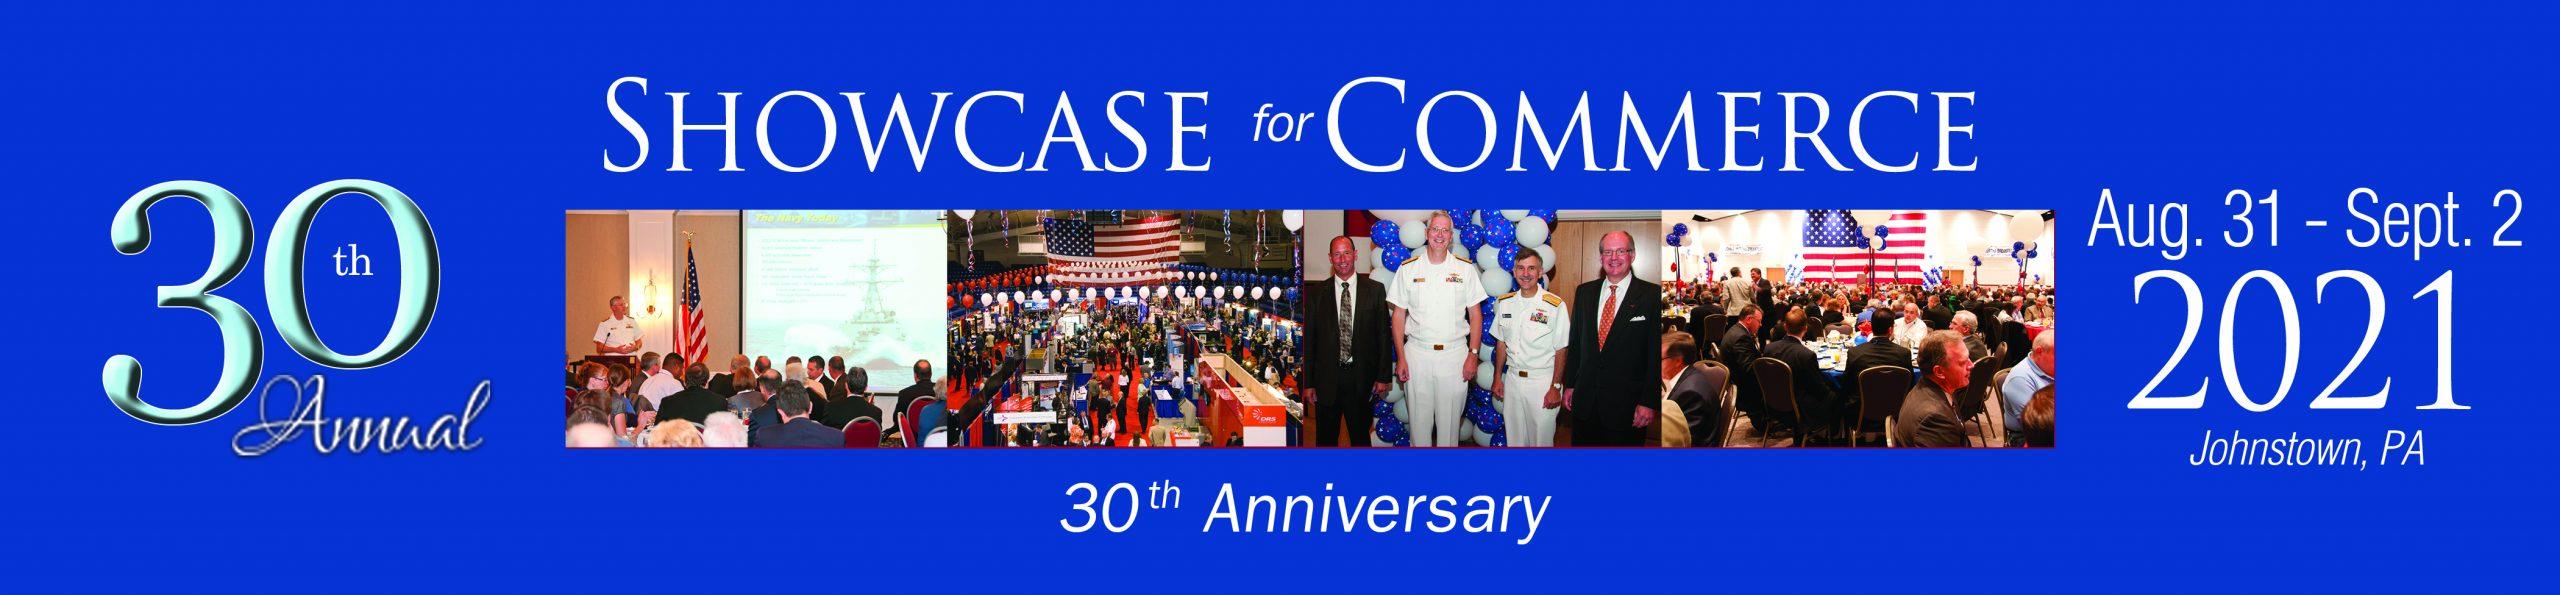 Showcase For Commerce 2021